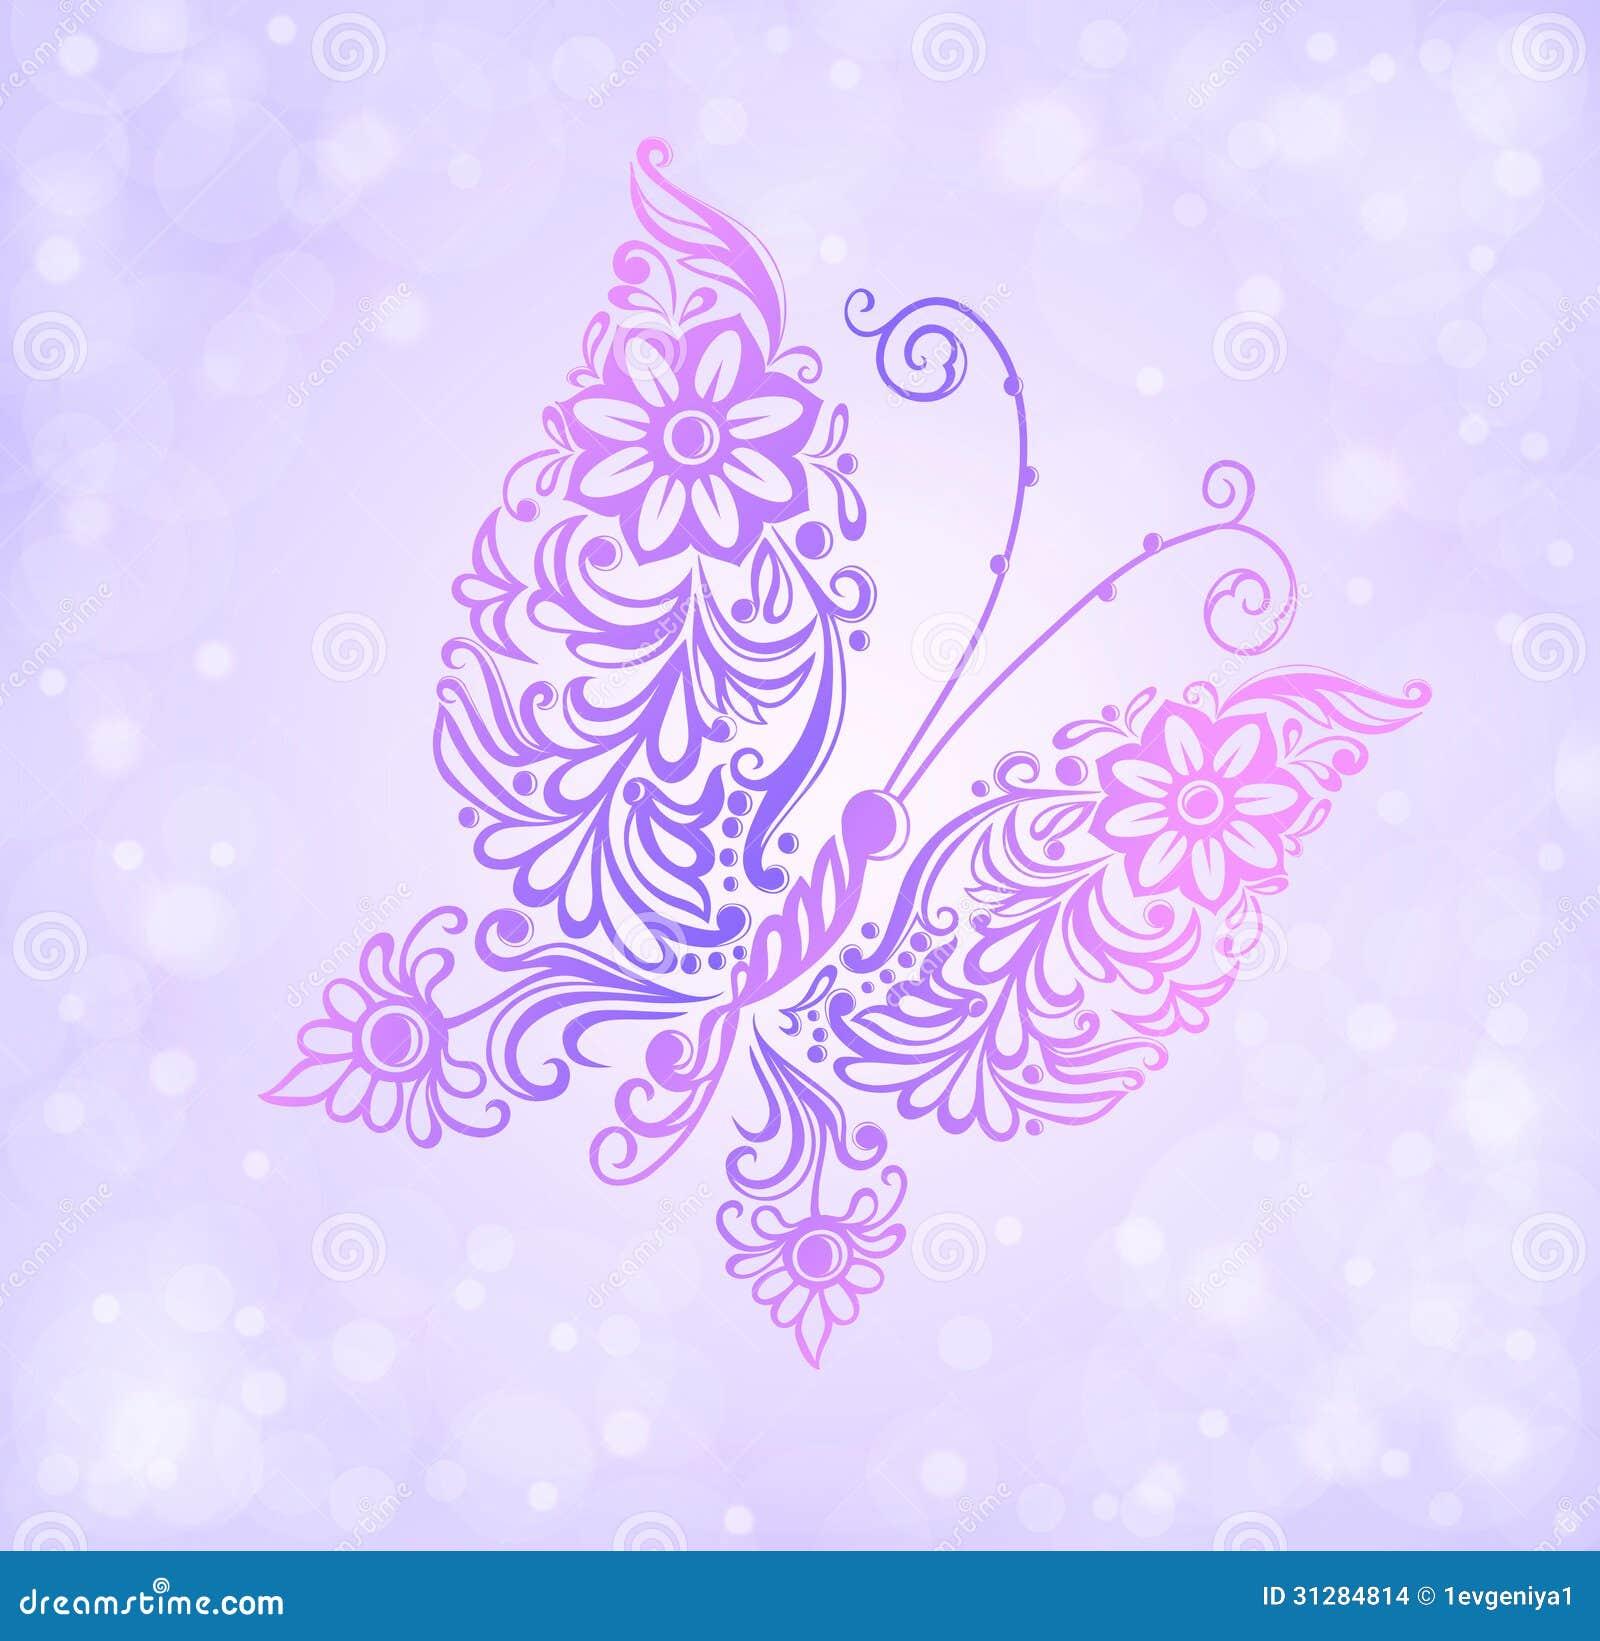 21 mooie kleurrijke vlinder - photo #20